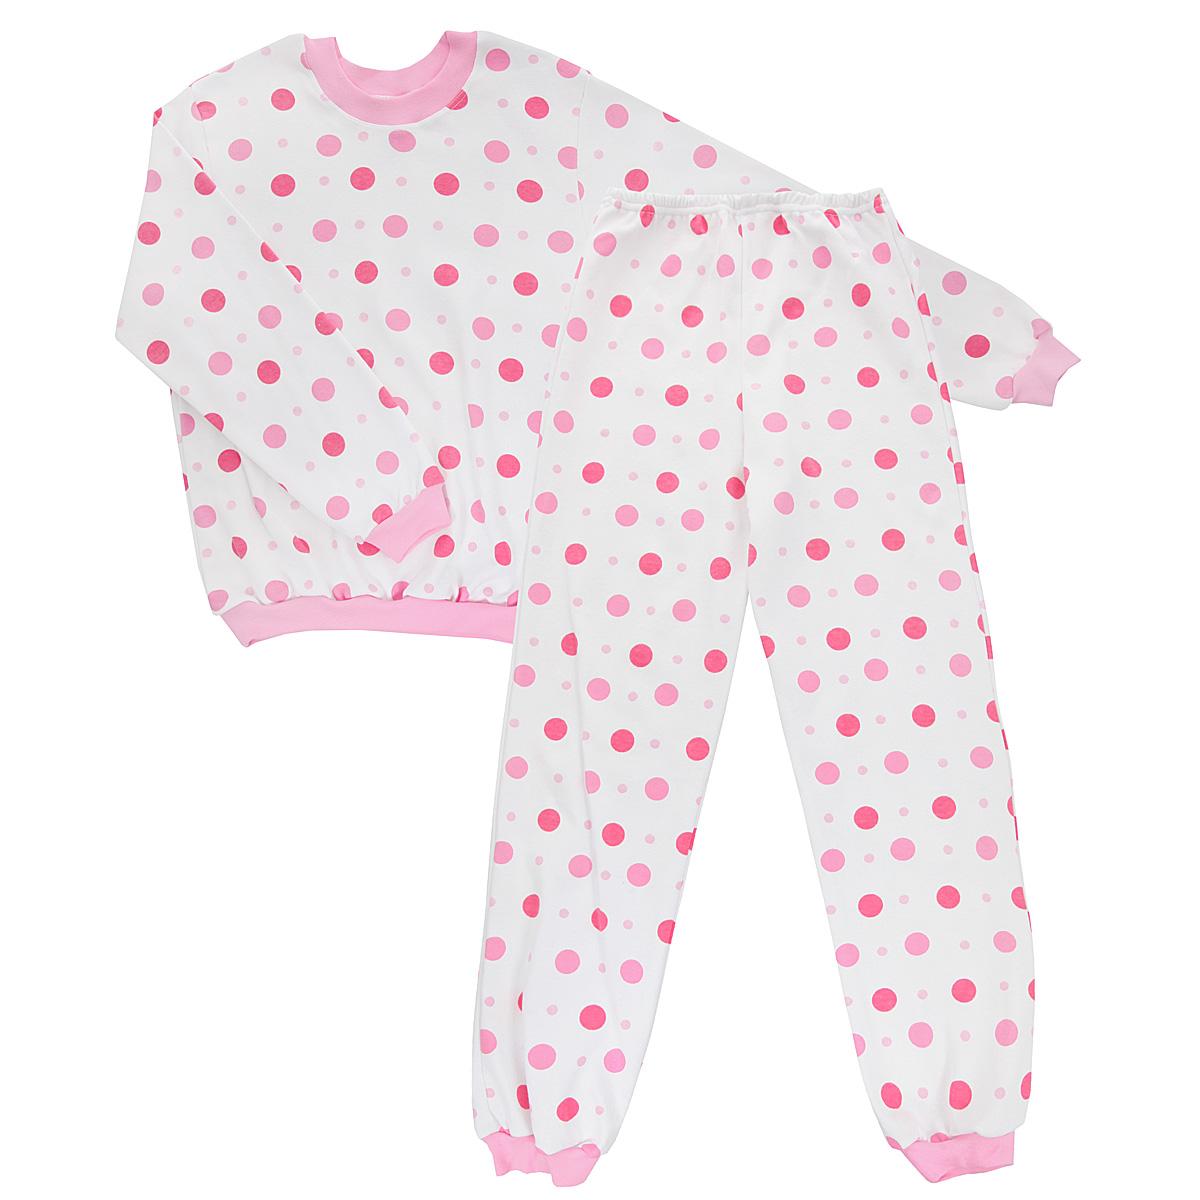 Пижама5555_горохУютная детская пижама Трон-плюс, состоящая из джемпера и брюк, идеально подойдет вашему ребенку и станет отличным дополнением к детскому гардеробу. Изготовленная из интерлока, она необычайно мягкая и легкая, не сковывает движения, позволяет коже дышать и не раздражает даже самую нежную и чувствительную кожу ребенка. Трикотажный джемпер с длинными рукавами имеет круглый вырез горловины. Низ изделия, рукава и вырез горловины дополнены эластичной трикотажной резинкой. Брюки на талии имеют мягкую резинку, благодаря чему не сдавливают живот ребенка и не сползают. Низ брючин дополнен широкими манжетами. Оформлено изделие оригинальным принтом в горох. В такой пижаме ваш ребенок будет чувствовать себя комфортно и уютно во время сна.